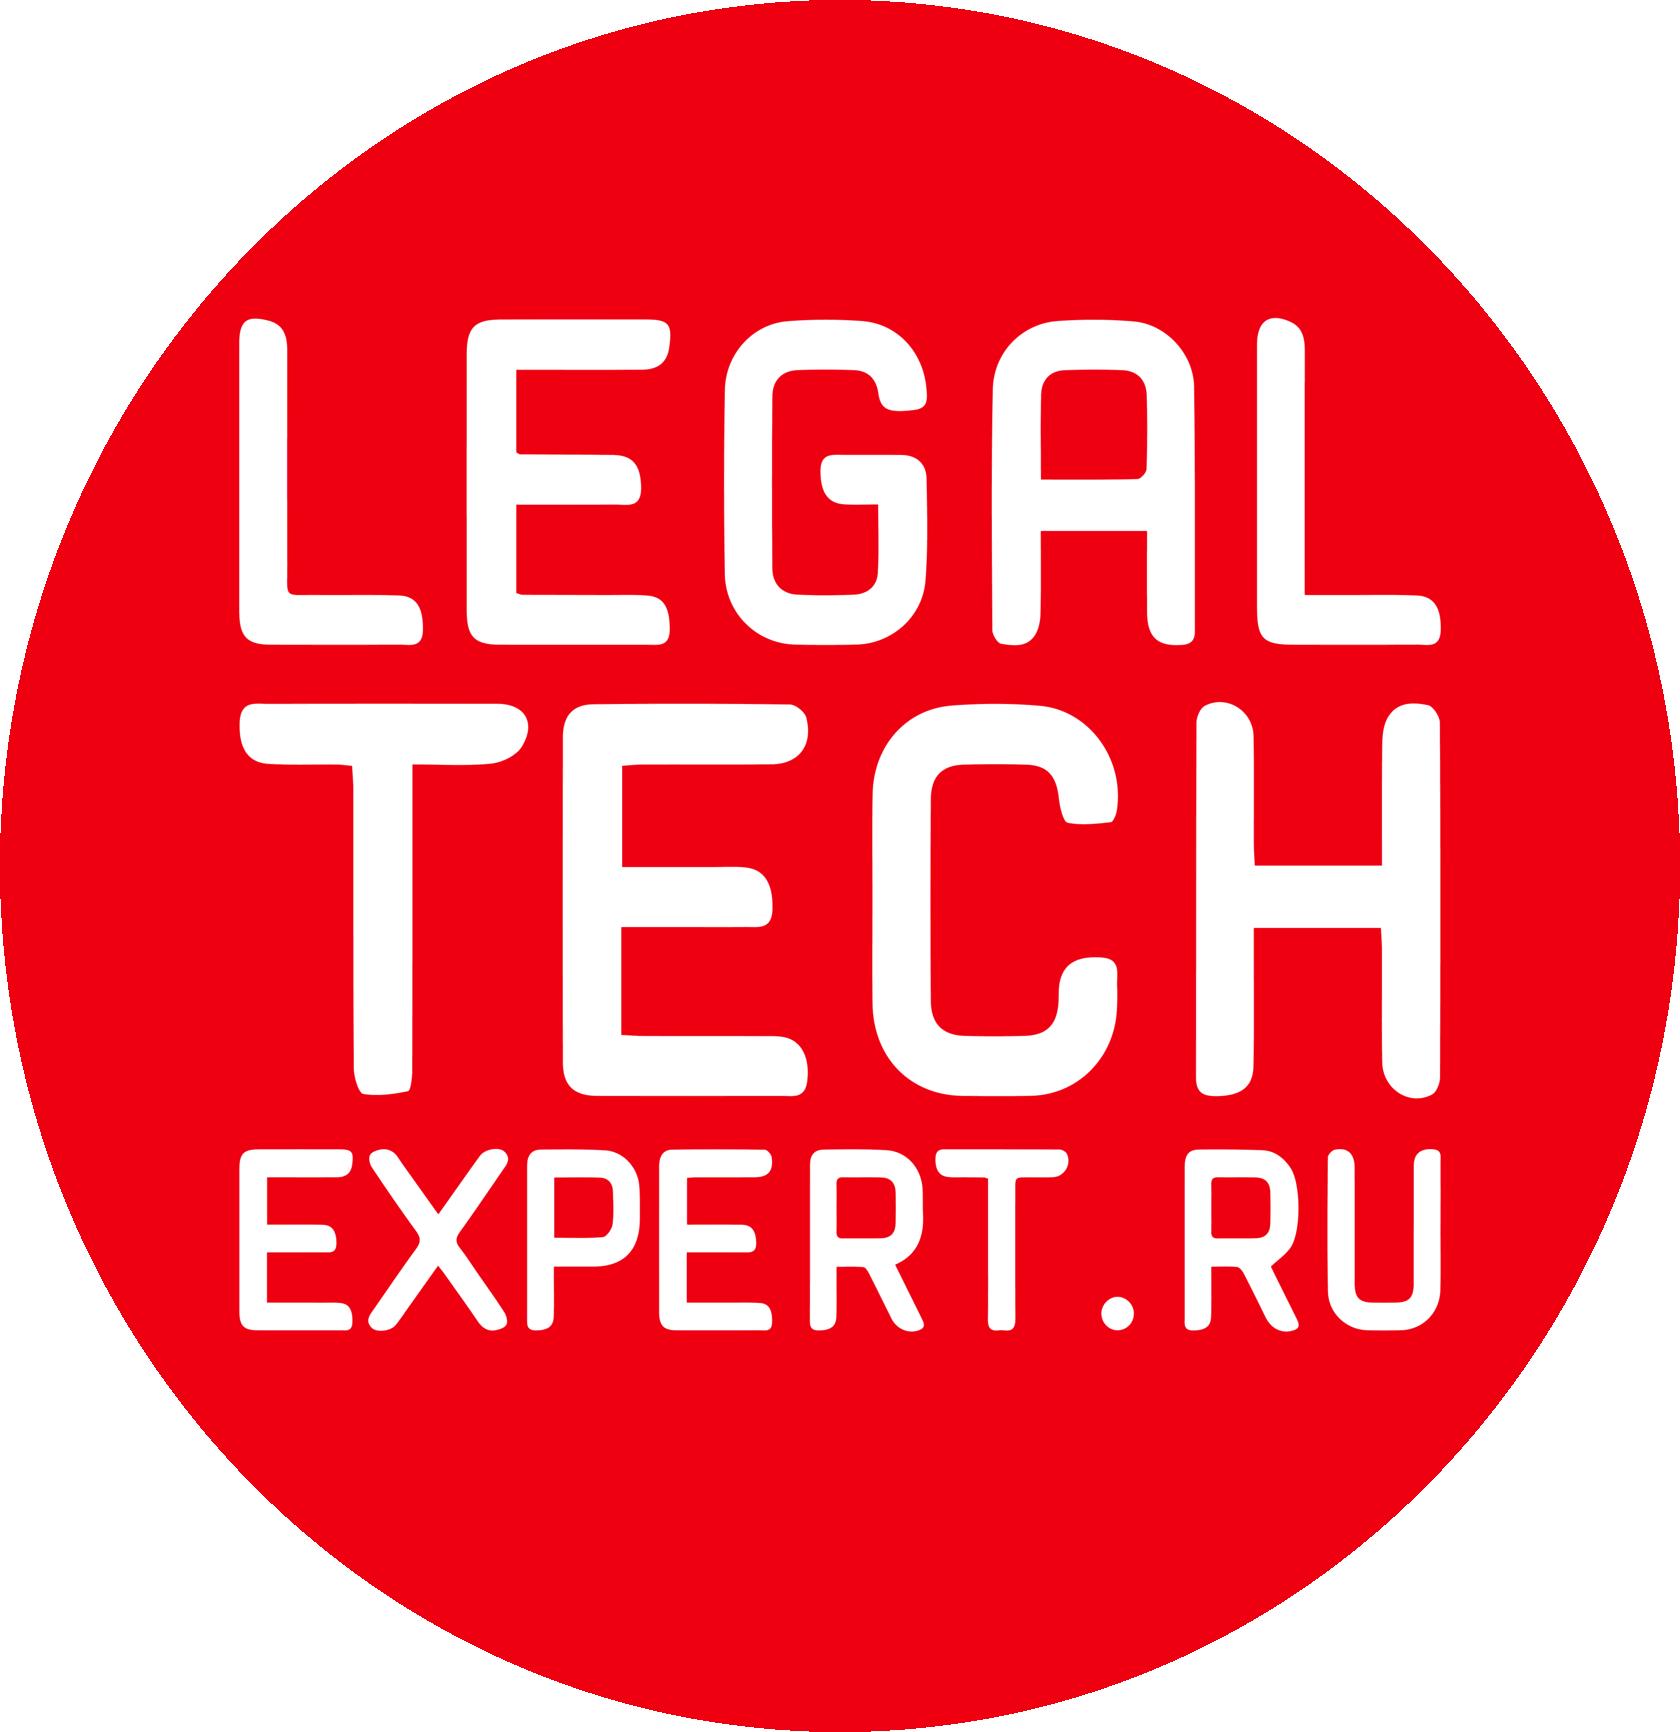 Лига экспертов по LegalTech инновациям